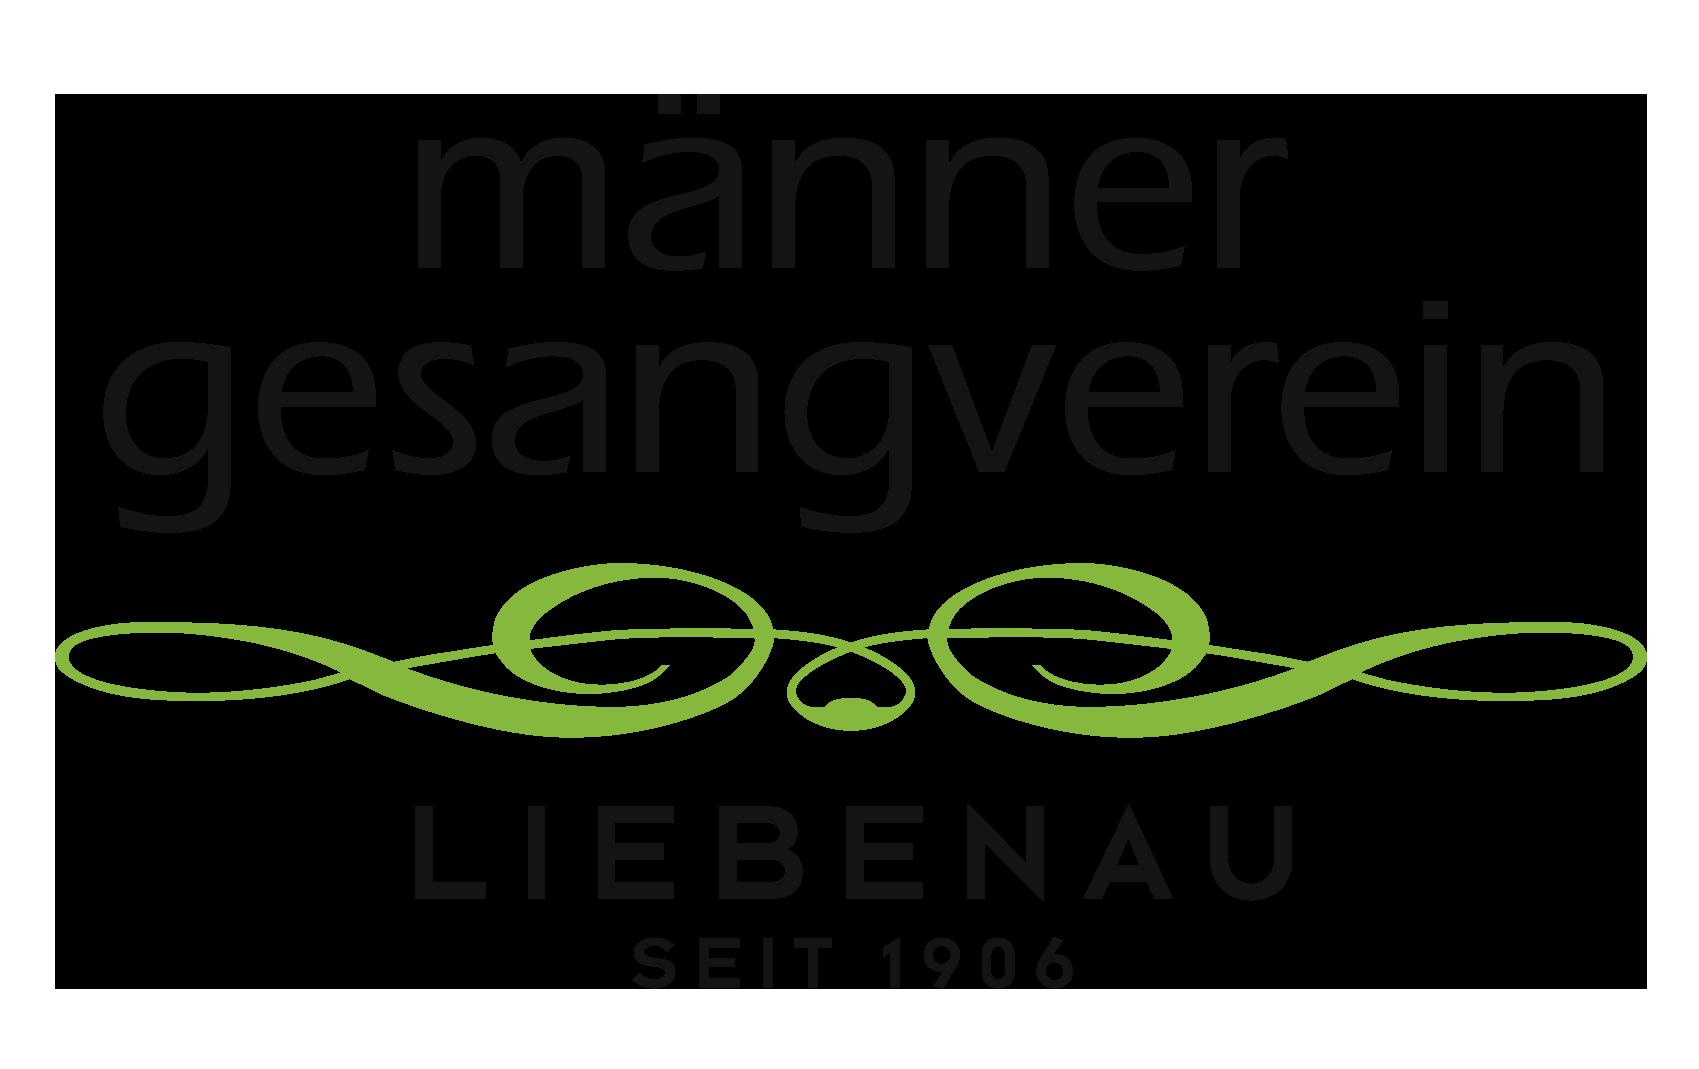 Männergesangverein Liebenau